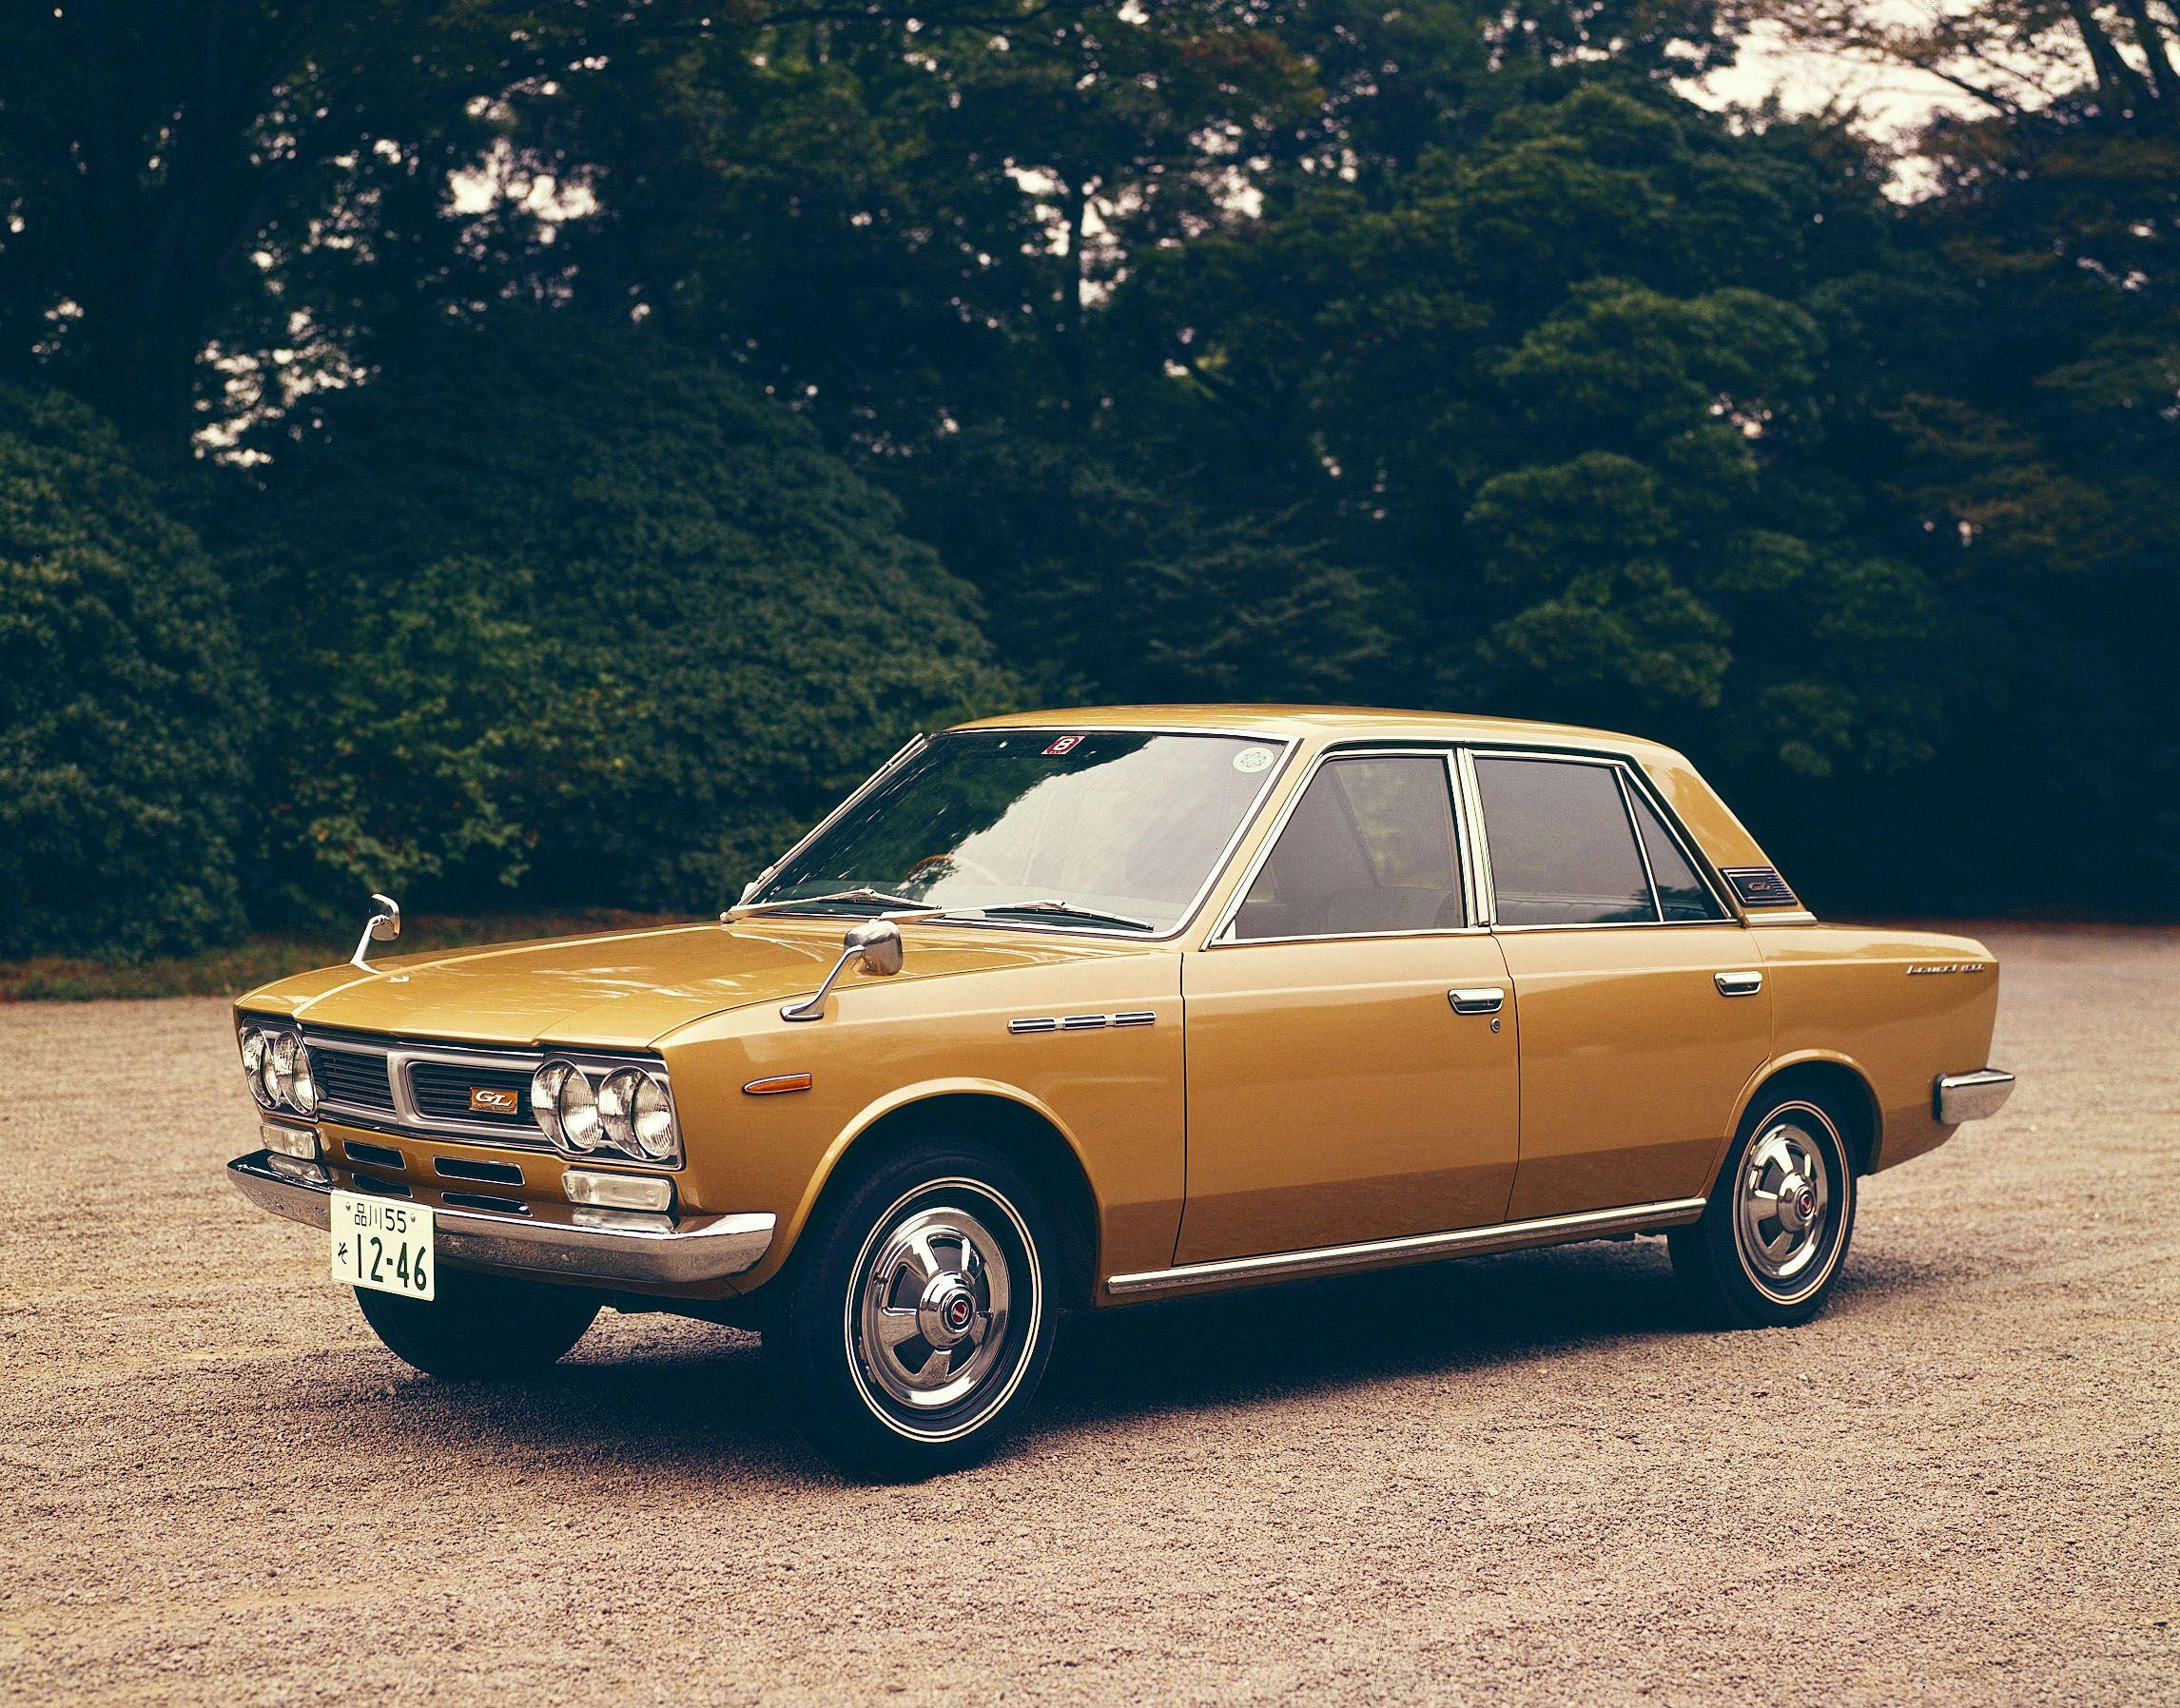 Nissan laurel sedan c30 1968 72 http en